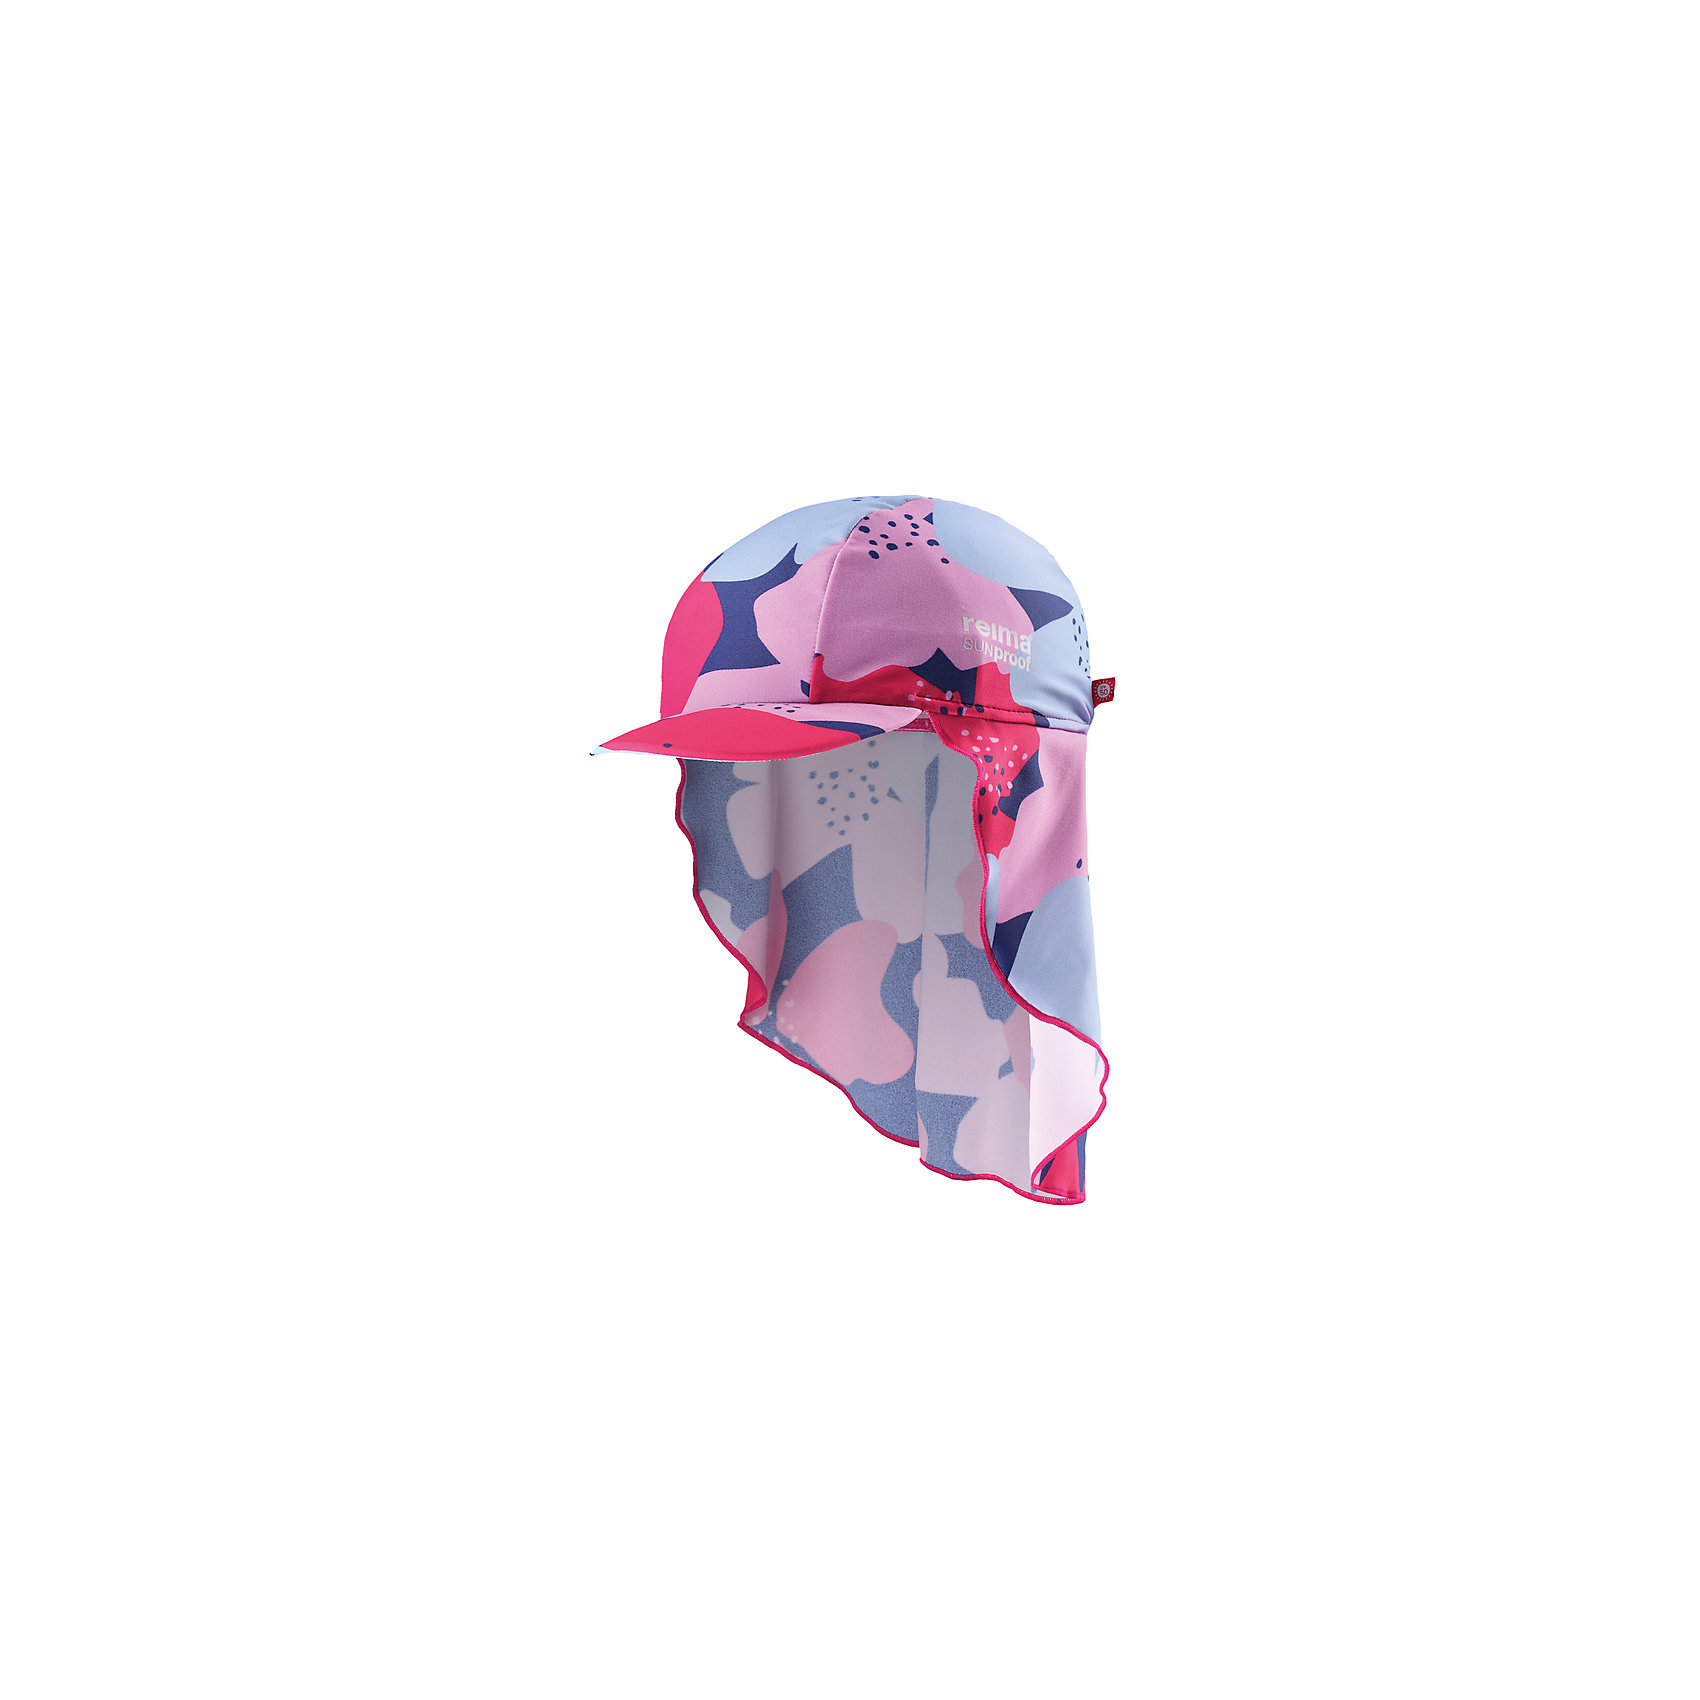 Панама Vesikko для девочки ReimaШапки и шарфы<br>Характеристики товара:<br><br>• цвет: мультиколор<br>• состав: 80% полиамид, 20% эластан<br>• задняя часть удлиненная<br>• фактор защиты от ультрафиолета: 50+<br>• удобный эластичный материал<br>• стильный защитный козырек<br>• защищает от солнца<br>• облегчённая модель без подкладки<br>• эмблема Reima сбоку<br>• страна бренда: Финляндия<br>• страна производства: Китай<br><br>Детский головной убор может быть модным и удобным одновременно! Стильная панама поможет обеспечить ребенку комфорт и дополнить наряд. Панама удобно сидит и аккуратно выглядит. Проста в уходе, долго служит. Стильный дизайн разрабатывался специально для детей. Отличная защита от солнца!<br><br>Уход:<br><br>• стирать по отдельности, вывернув наизнанку<br>• полоскать без специального средства<br>• сушить при низкой температуре.<br><br>Панаму от финского бренда Reima (Рейма) можно купить в нашем интернет-магазине.<br><br>Ширина мм: 89<br>Глубина мм: 117<br>Высота мм: 44<br>Вес г: 155<br>Цвет: розовый<br>Возраст от месяцев: 48<br>Возраст до месяцев: 84<br>Пол: Женский<br>Возраст: Детский<br>Размер: 54,46,50<br>SKU: 5270878